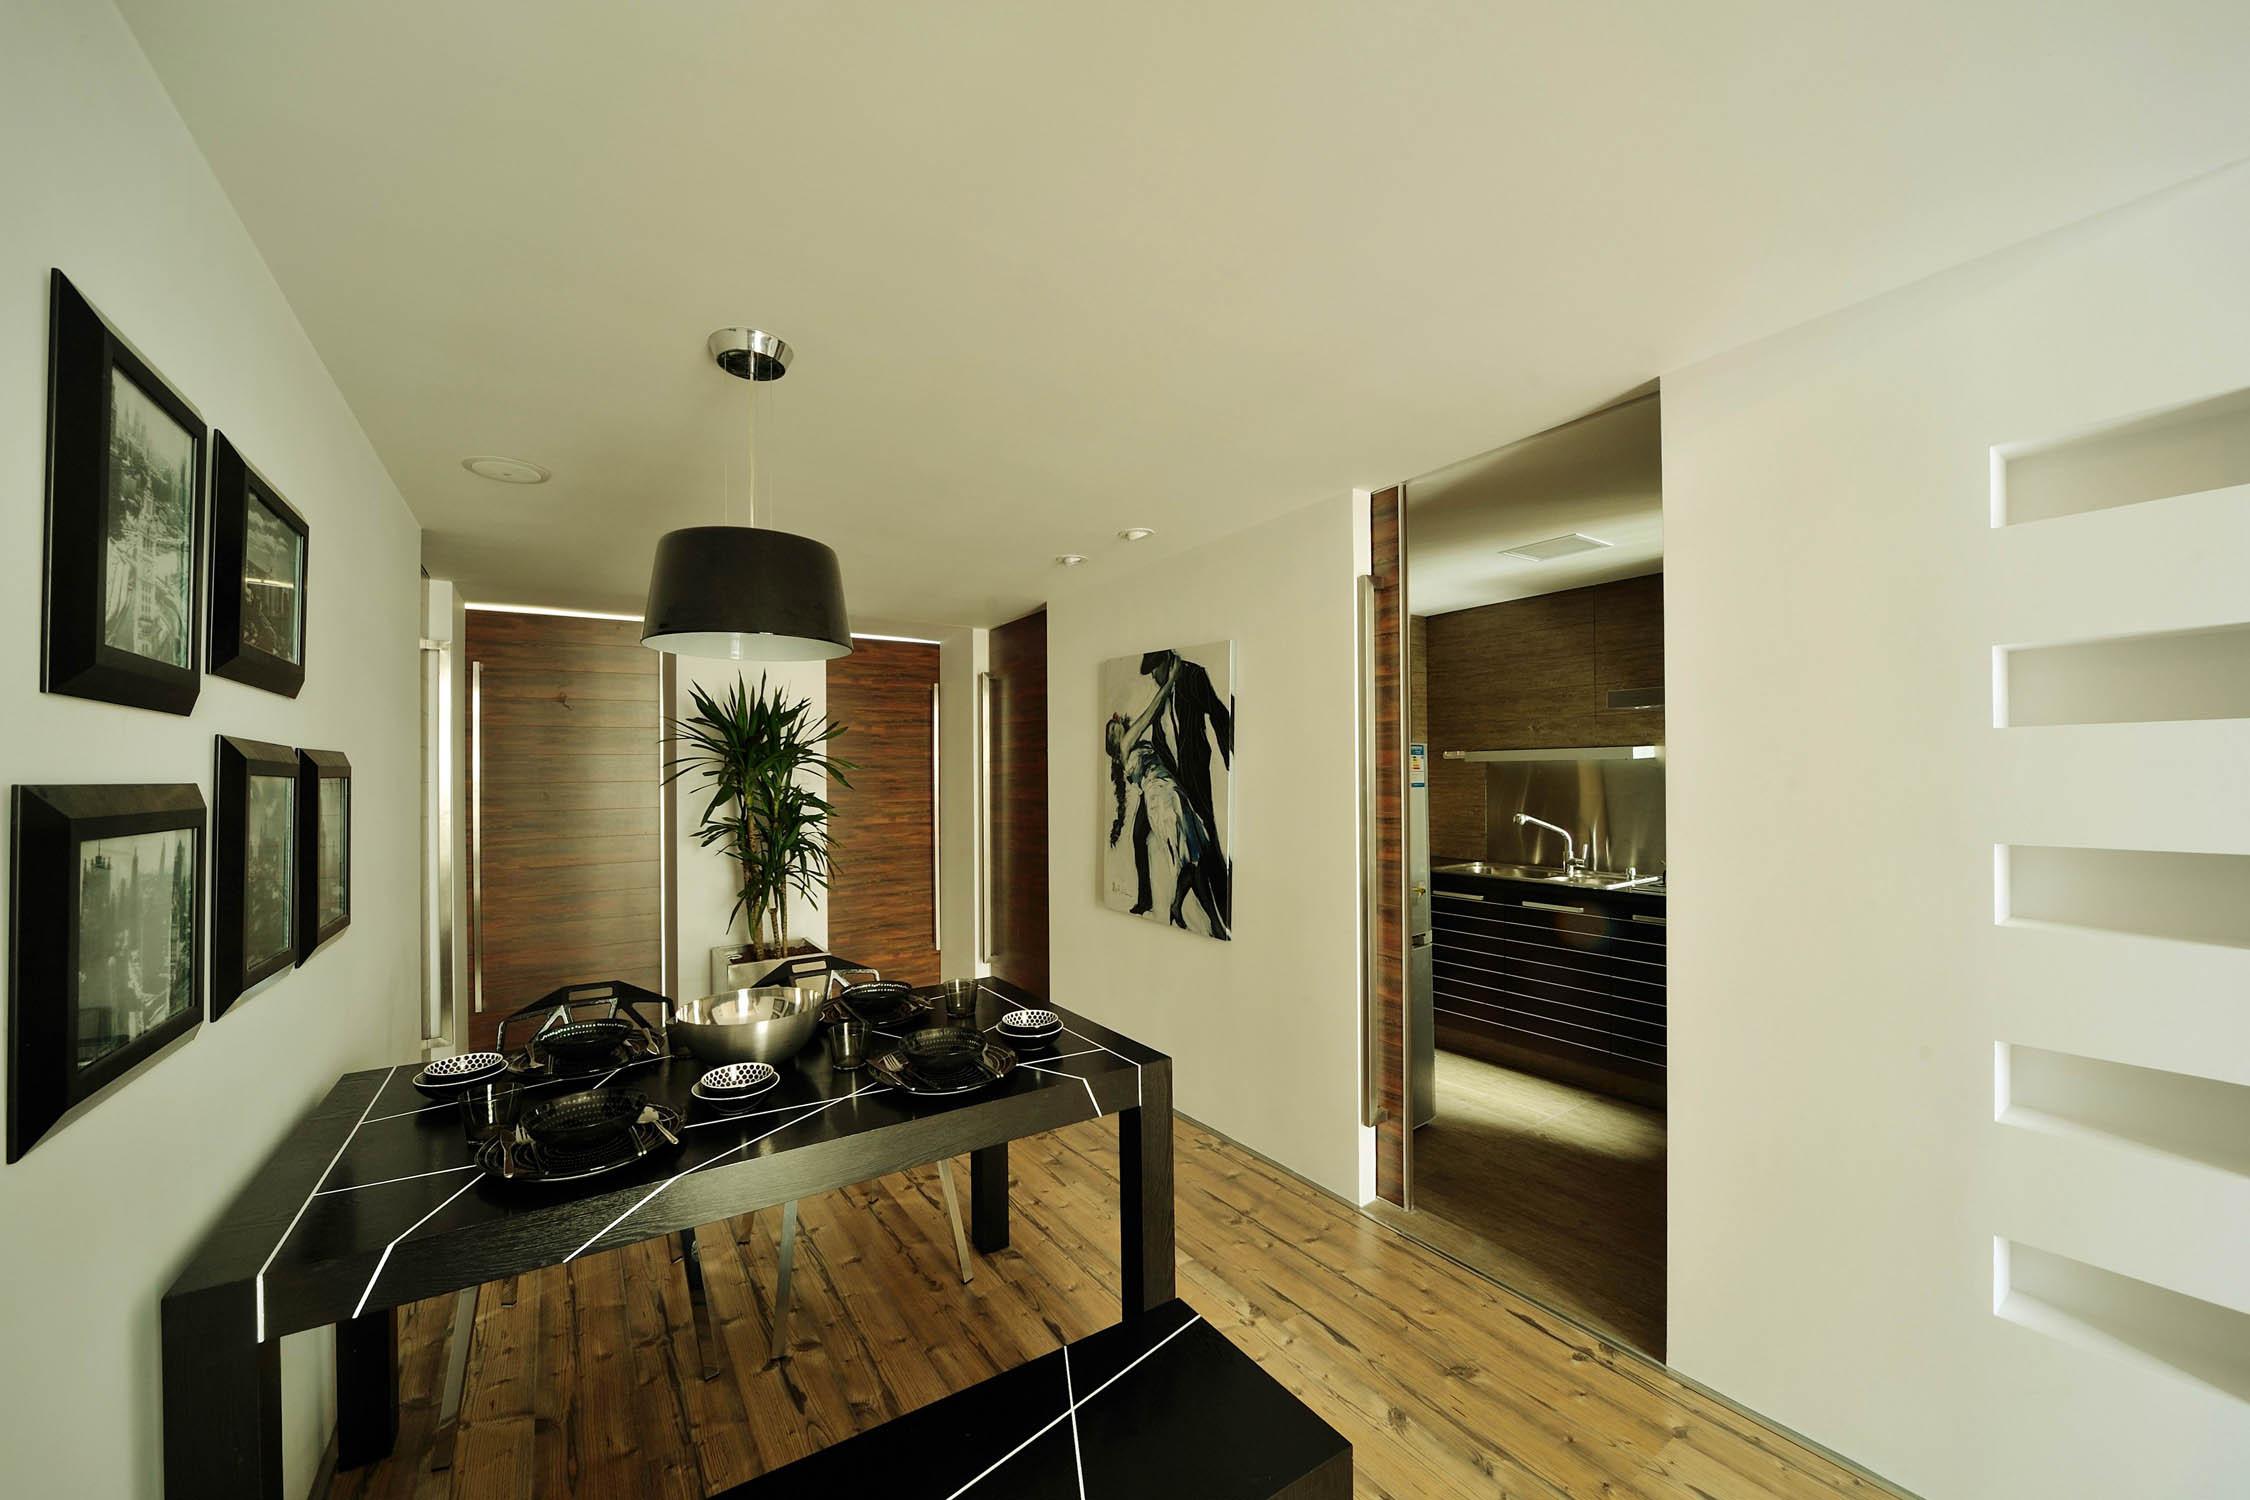 现代简约loft风格装修吊灯图片